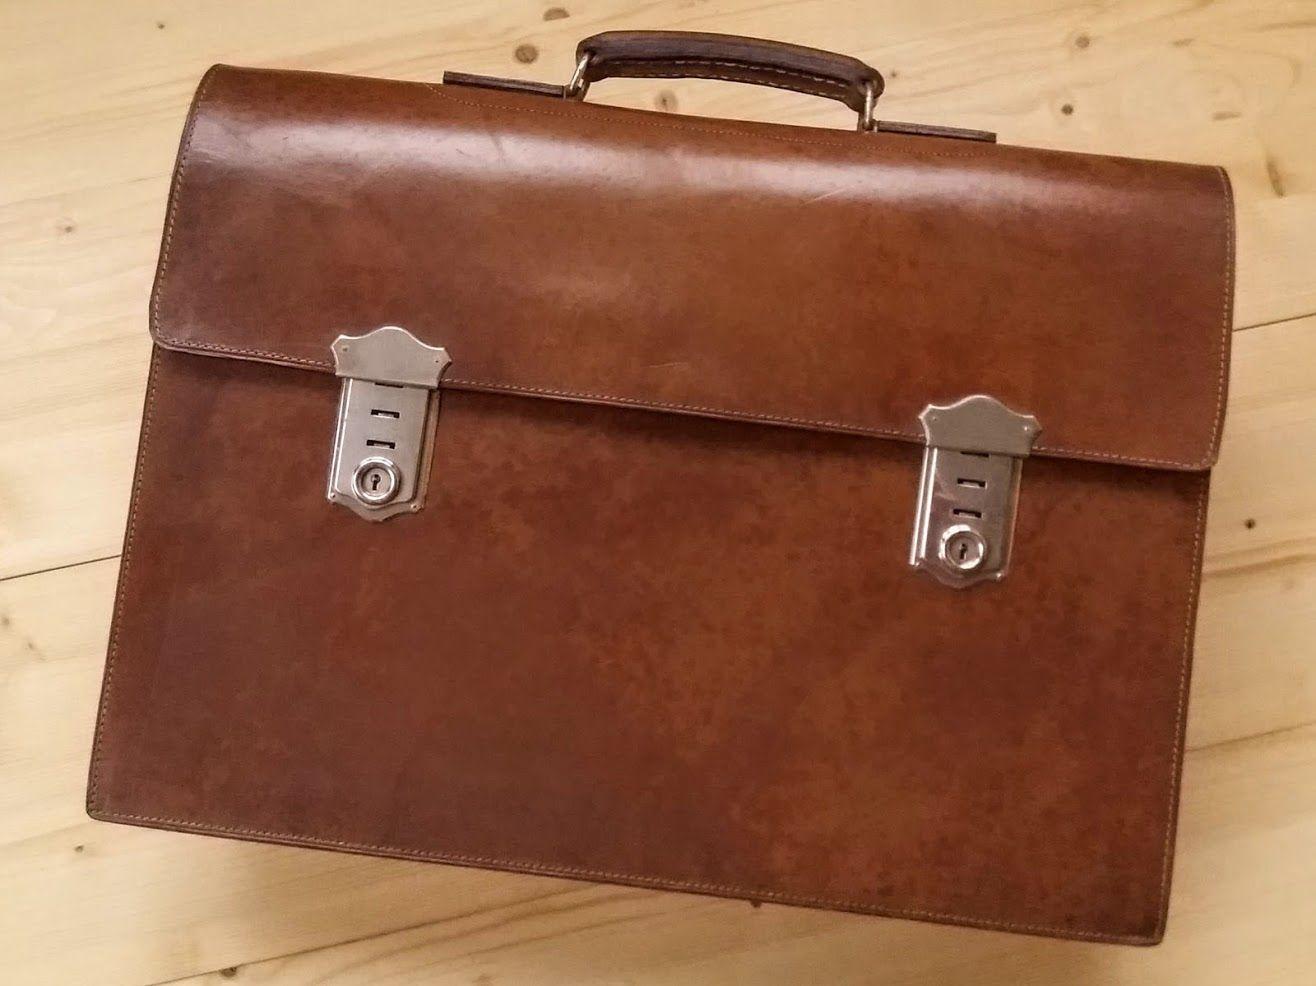 c265ebd26 Stará kožená aktovka uvnitř Sumpfmuster 44 40. léta Použitá, patrně vůbec  nenošená pánská kožená